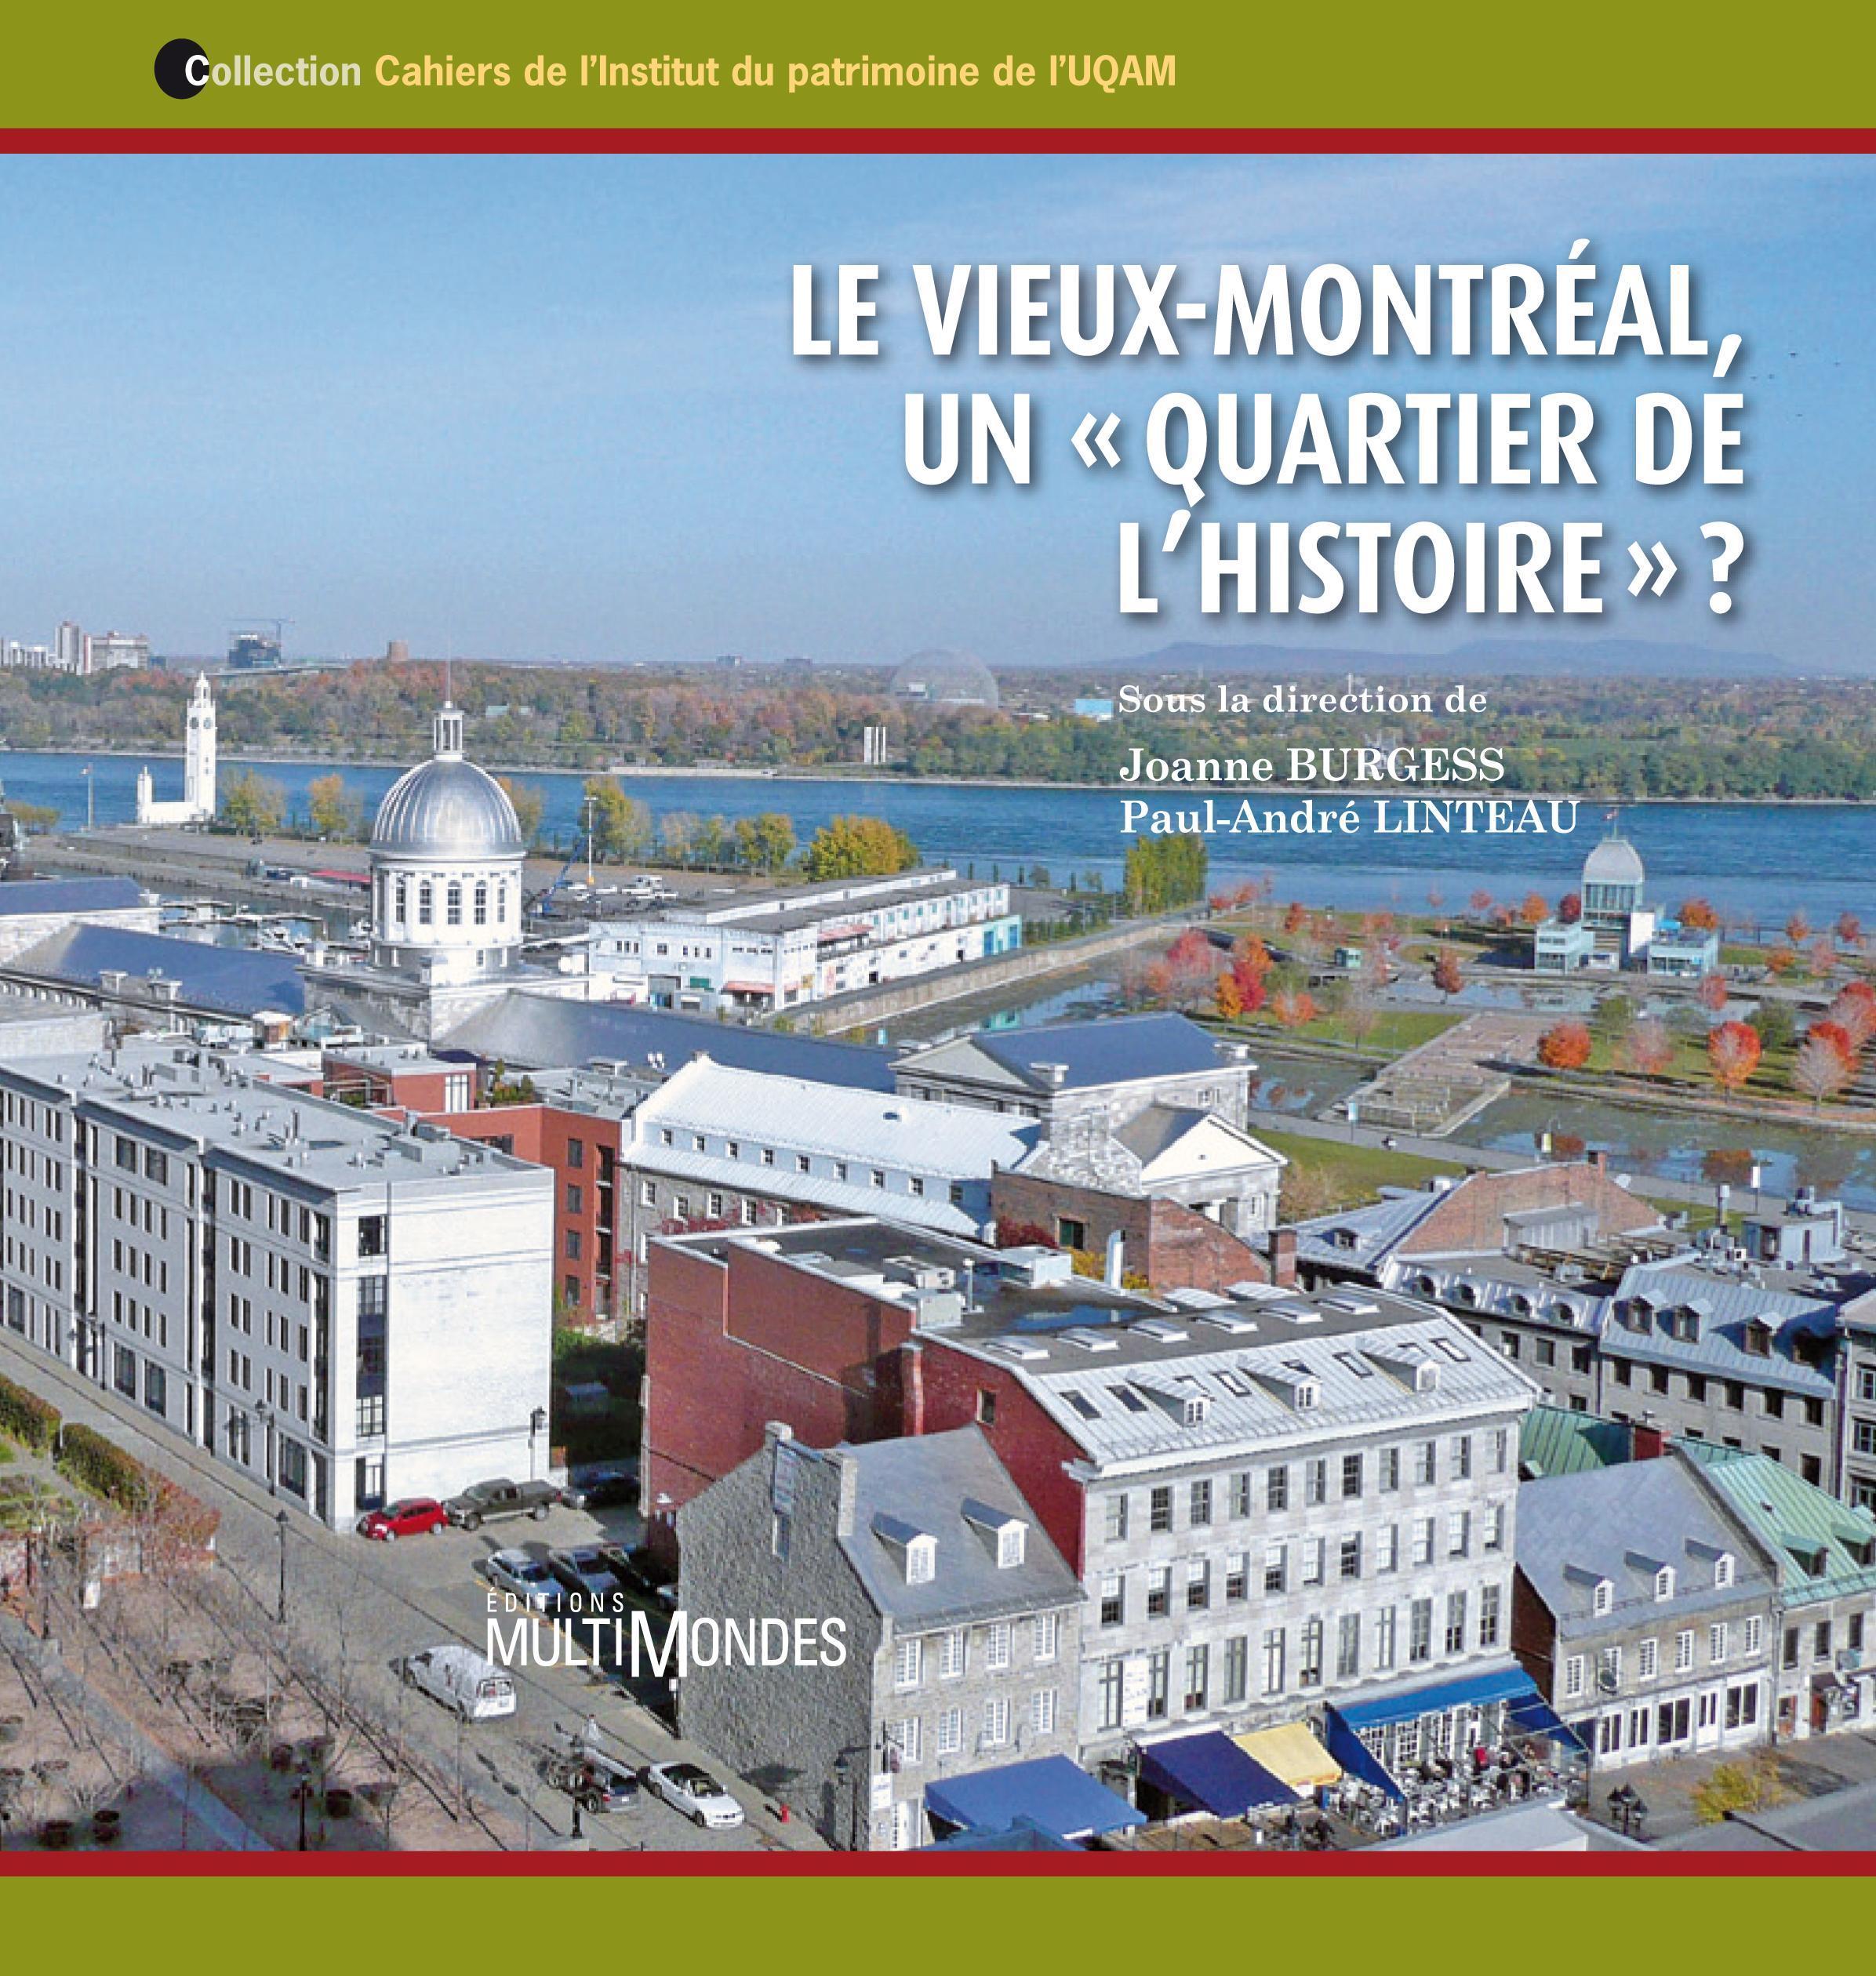 Le Vieux-Montréal, un « qua...